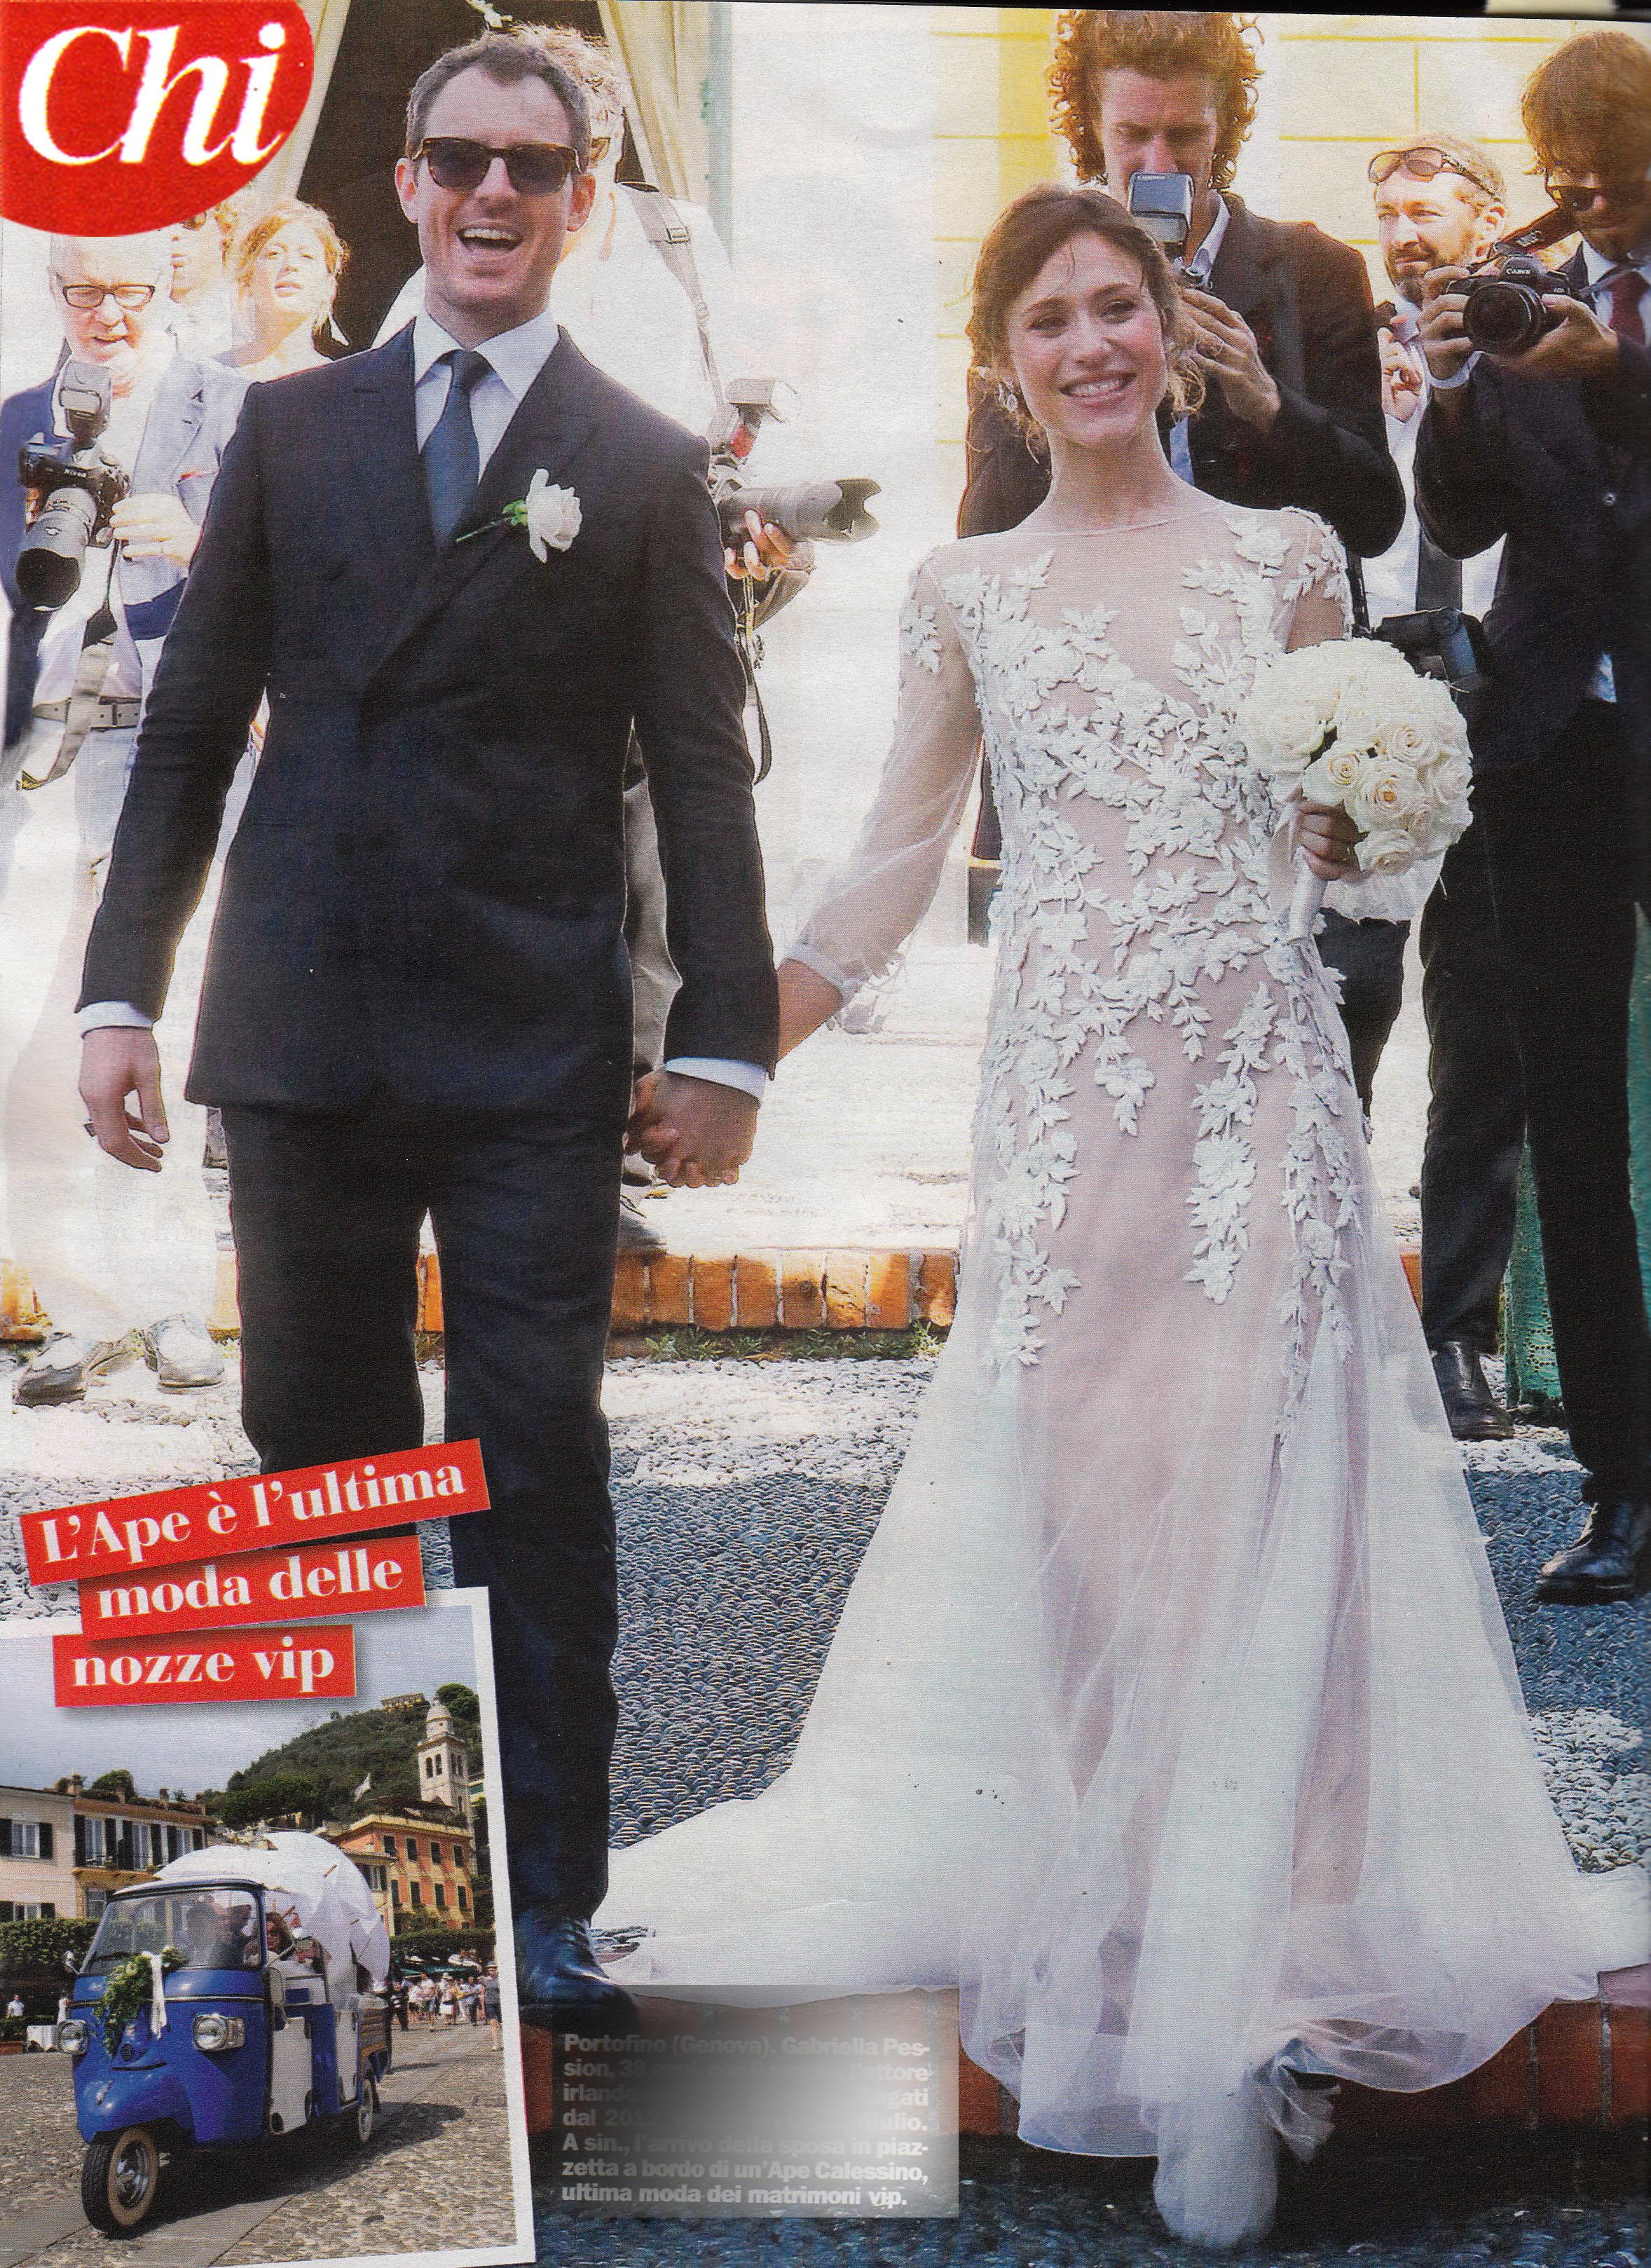 Favoloso Gabriella Pession, matrimonio a sorpresa a Portofino - Tgcom24 OM62